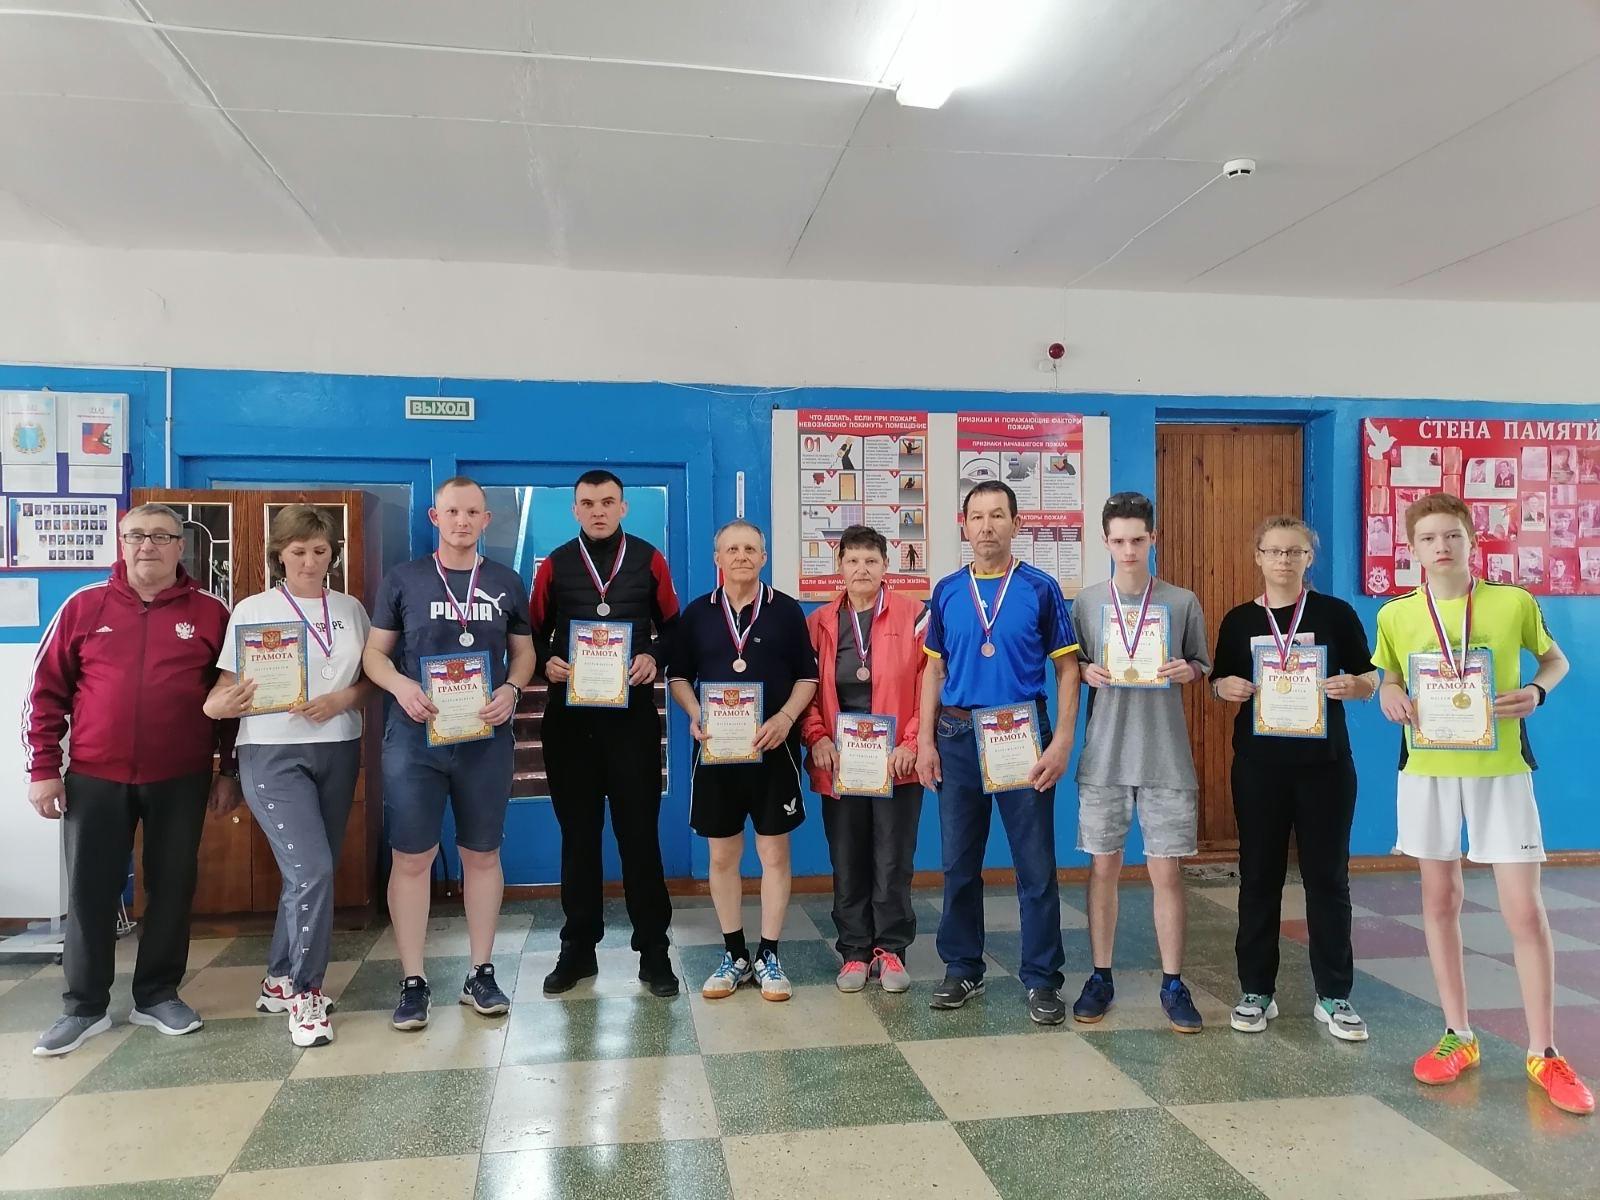 В Петровске прошло командное первенство по настольному теннису, посвящённое Дню Победы